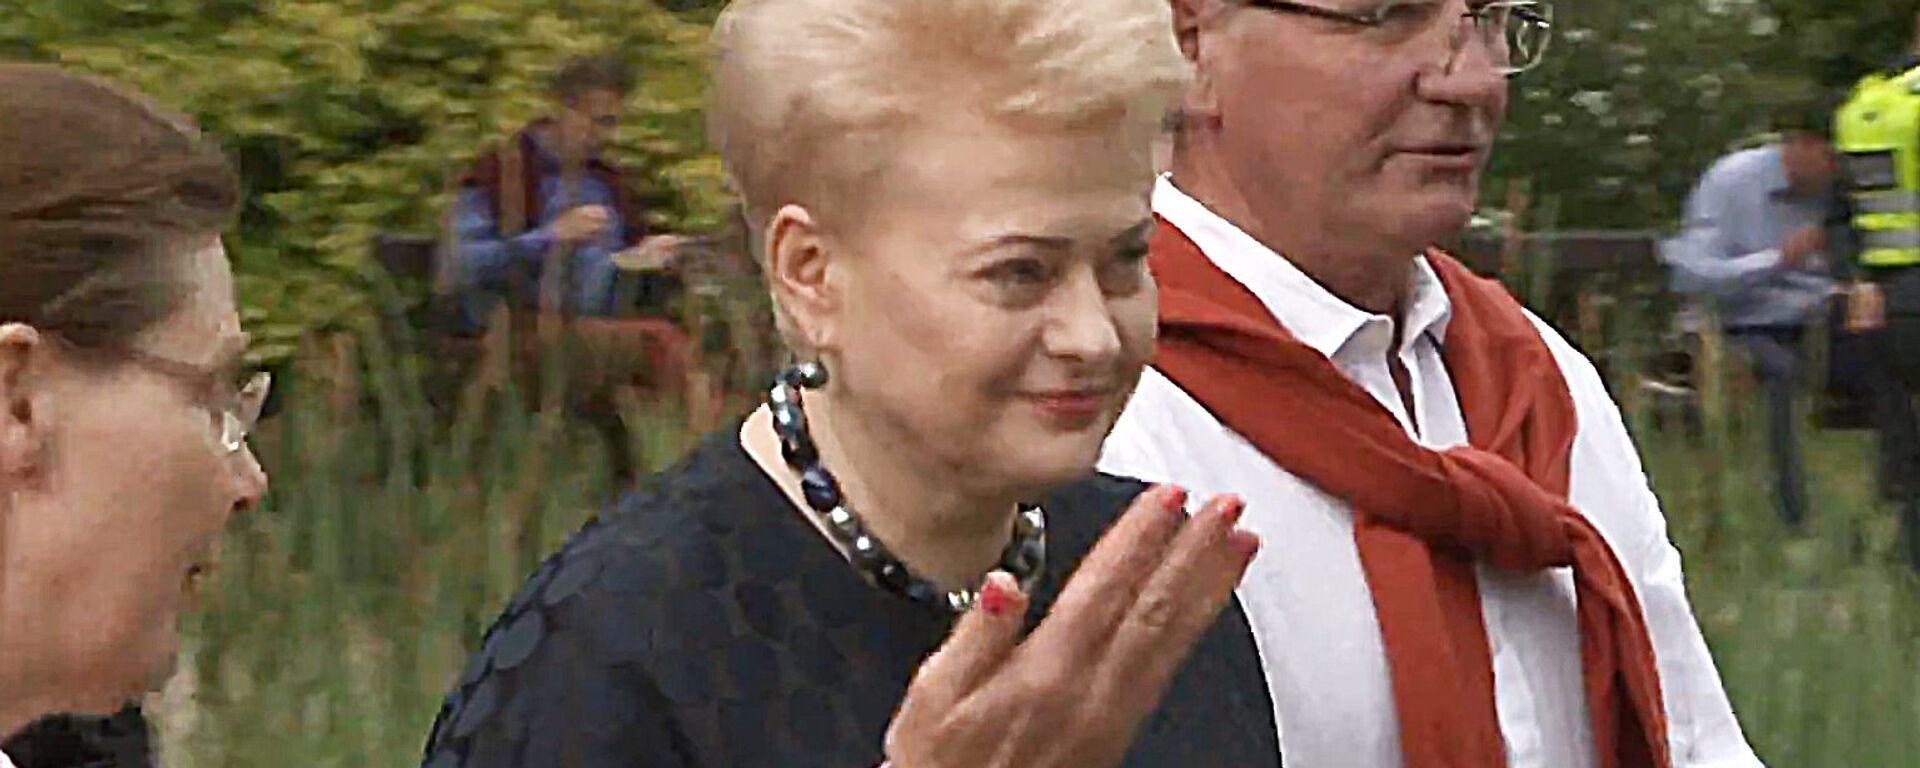 Даля Грибаускайте поучаствовала в празднике летнего солнцестояния - Sputnik Латвия, 1920, 13.06.2018